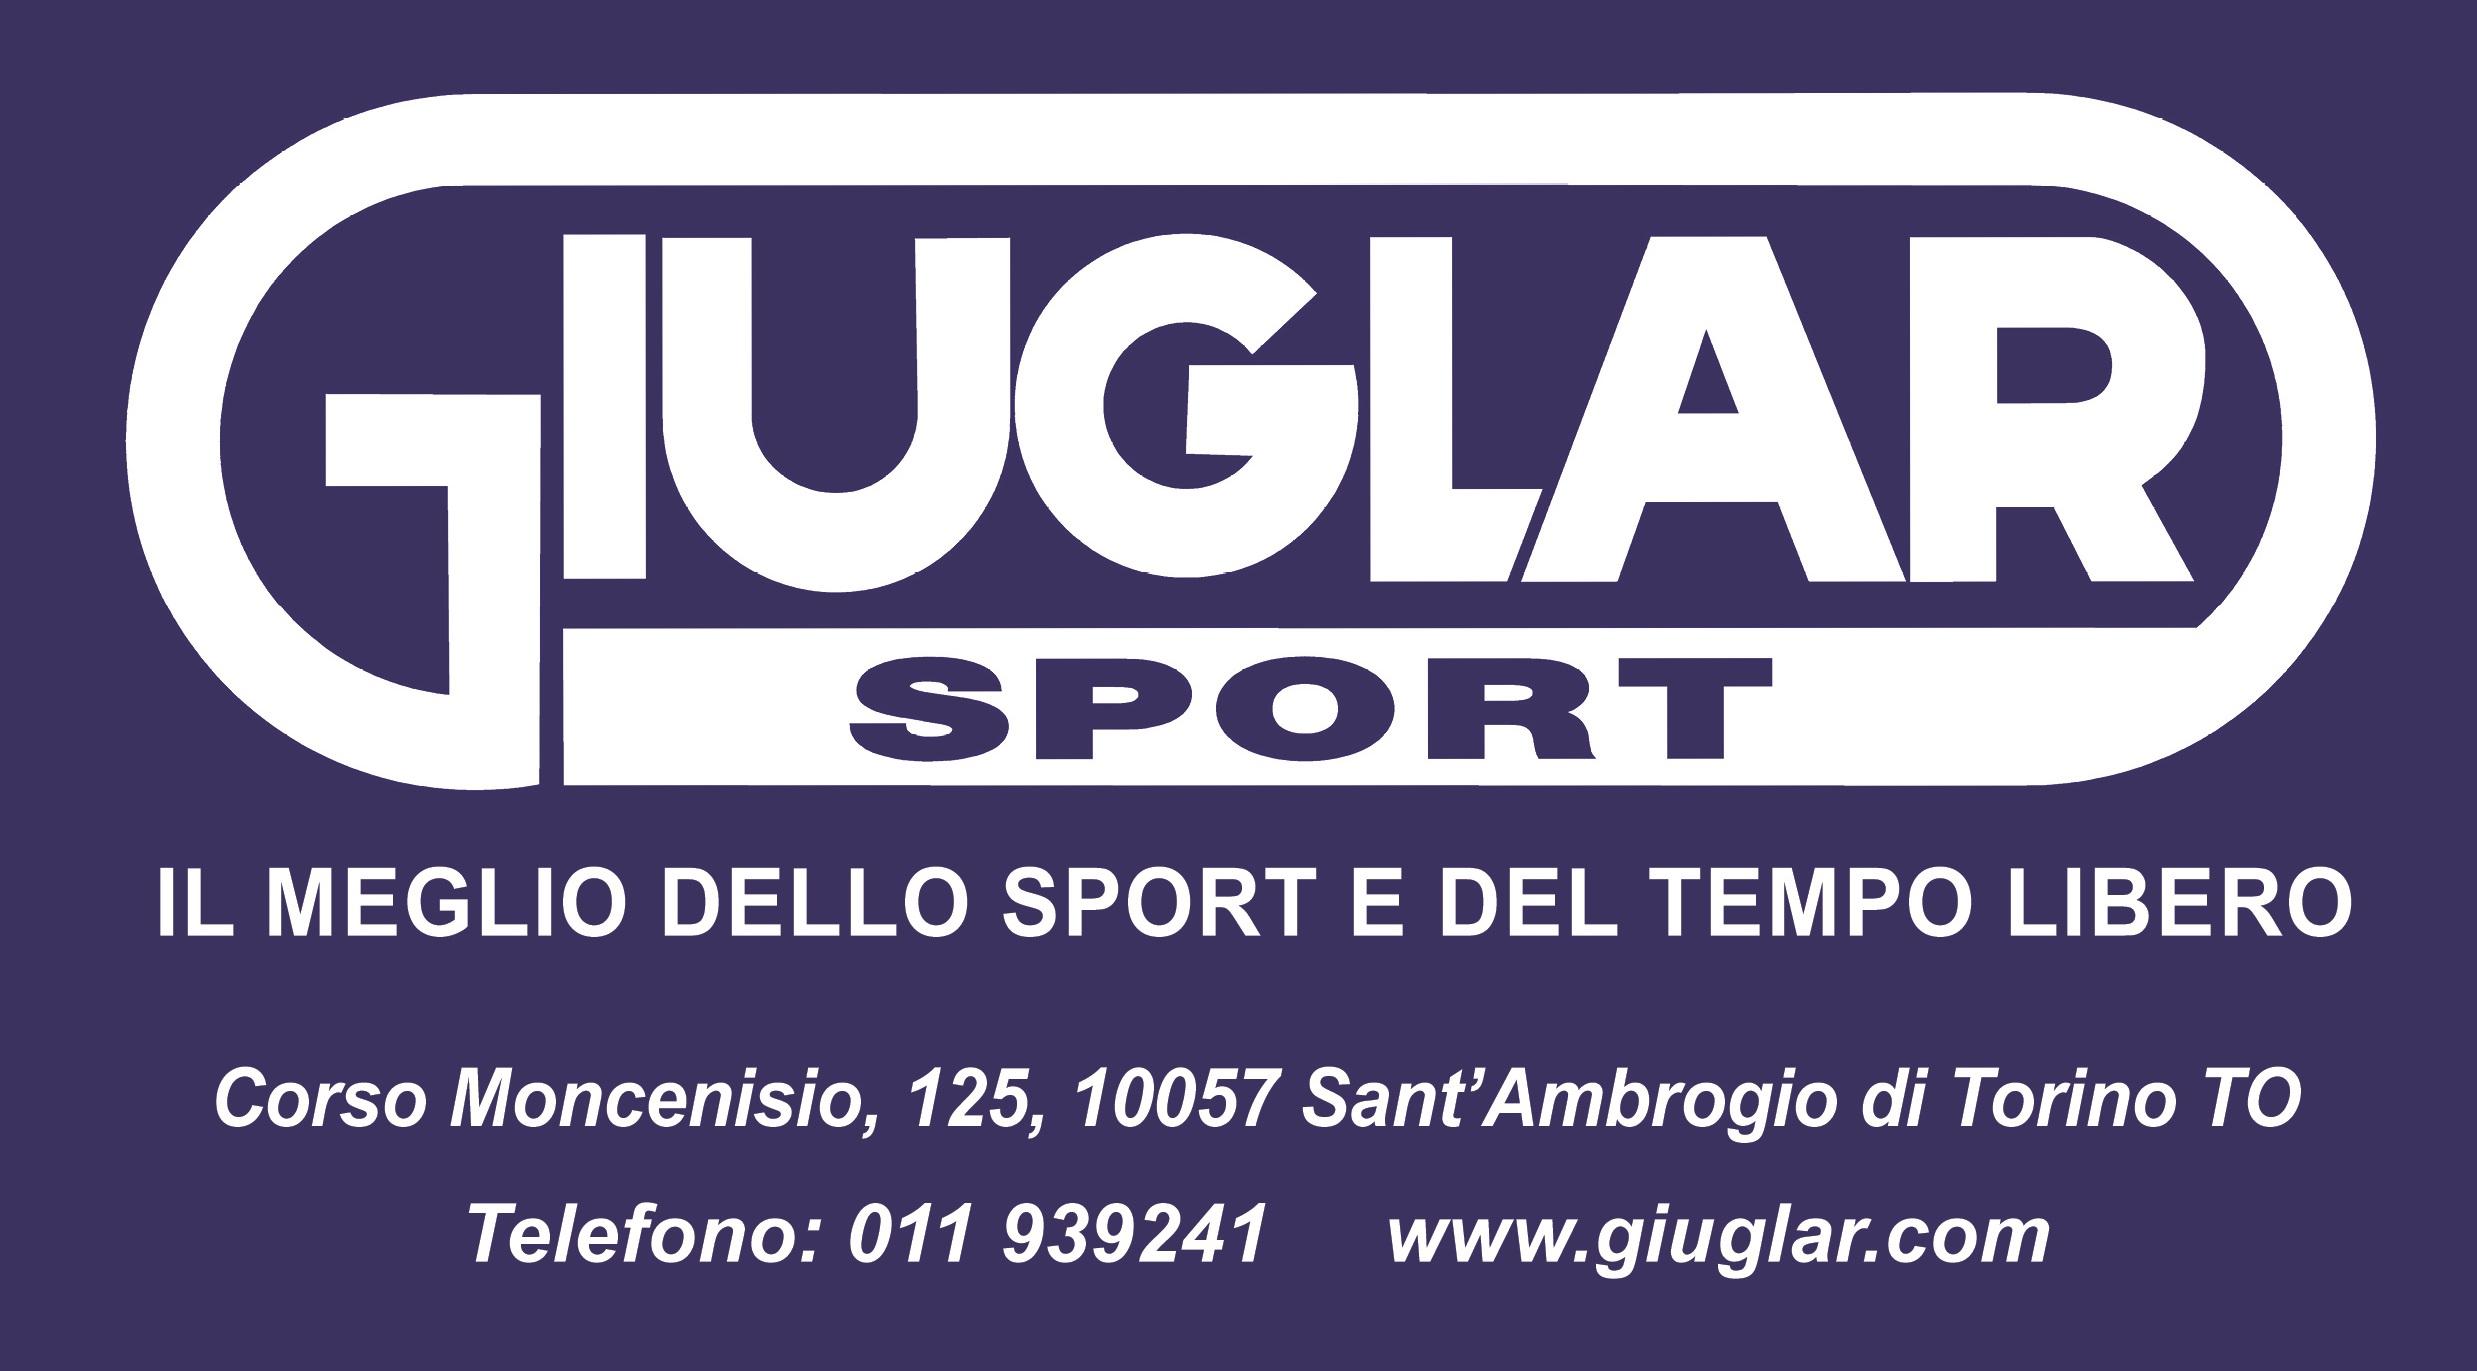 Giuglar Sport